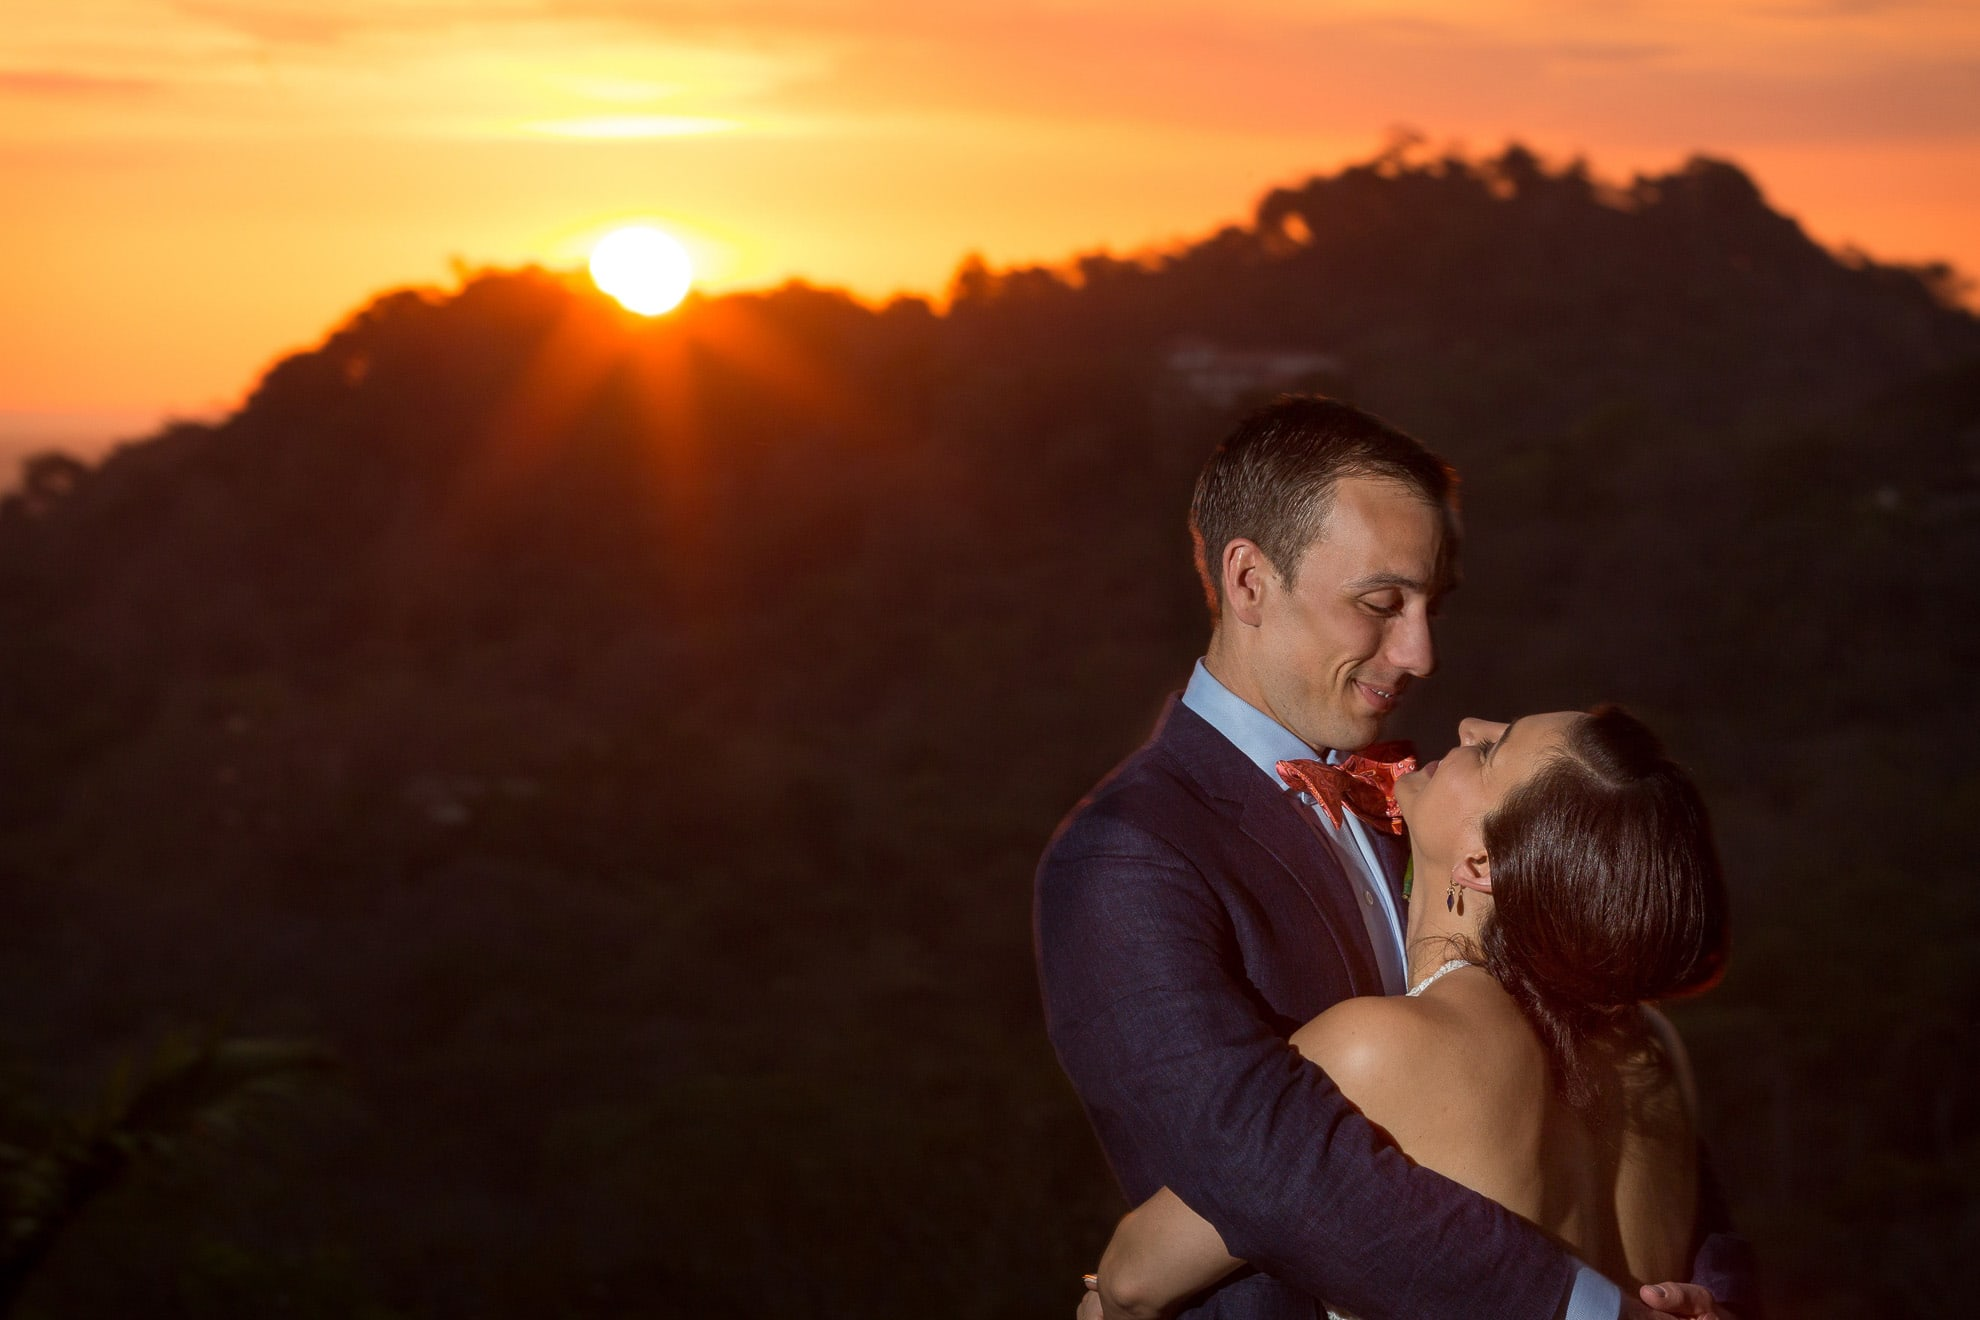 Wedding photo with sunset